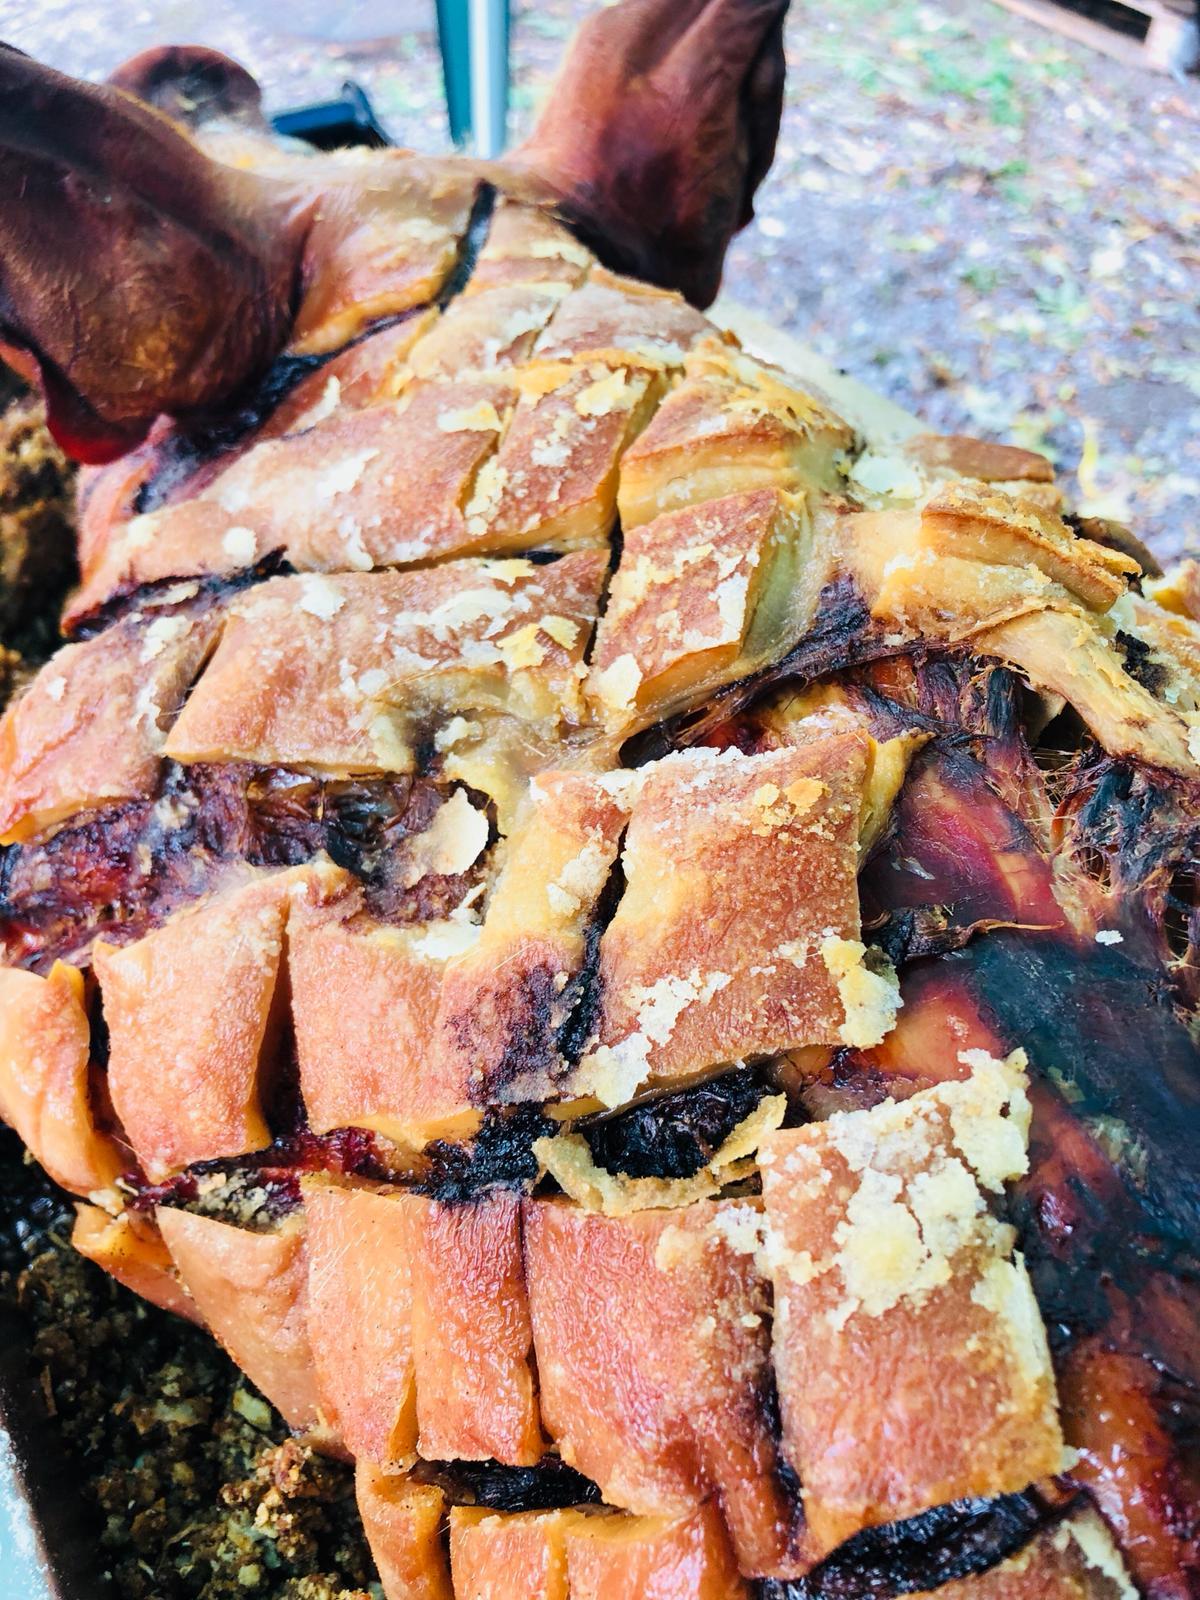 Hog Roast Penryn